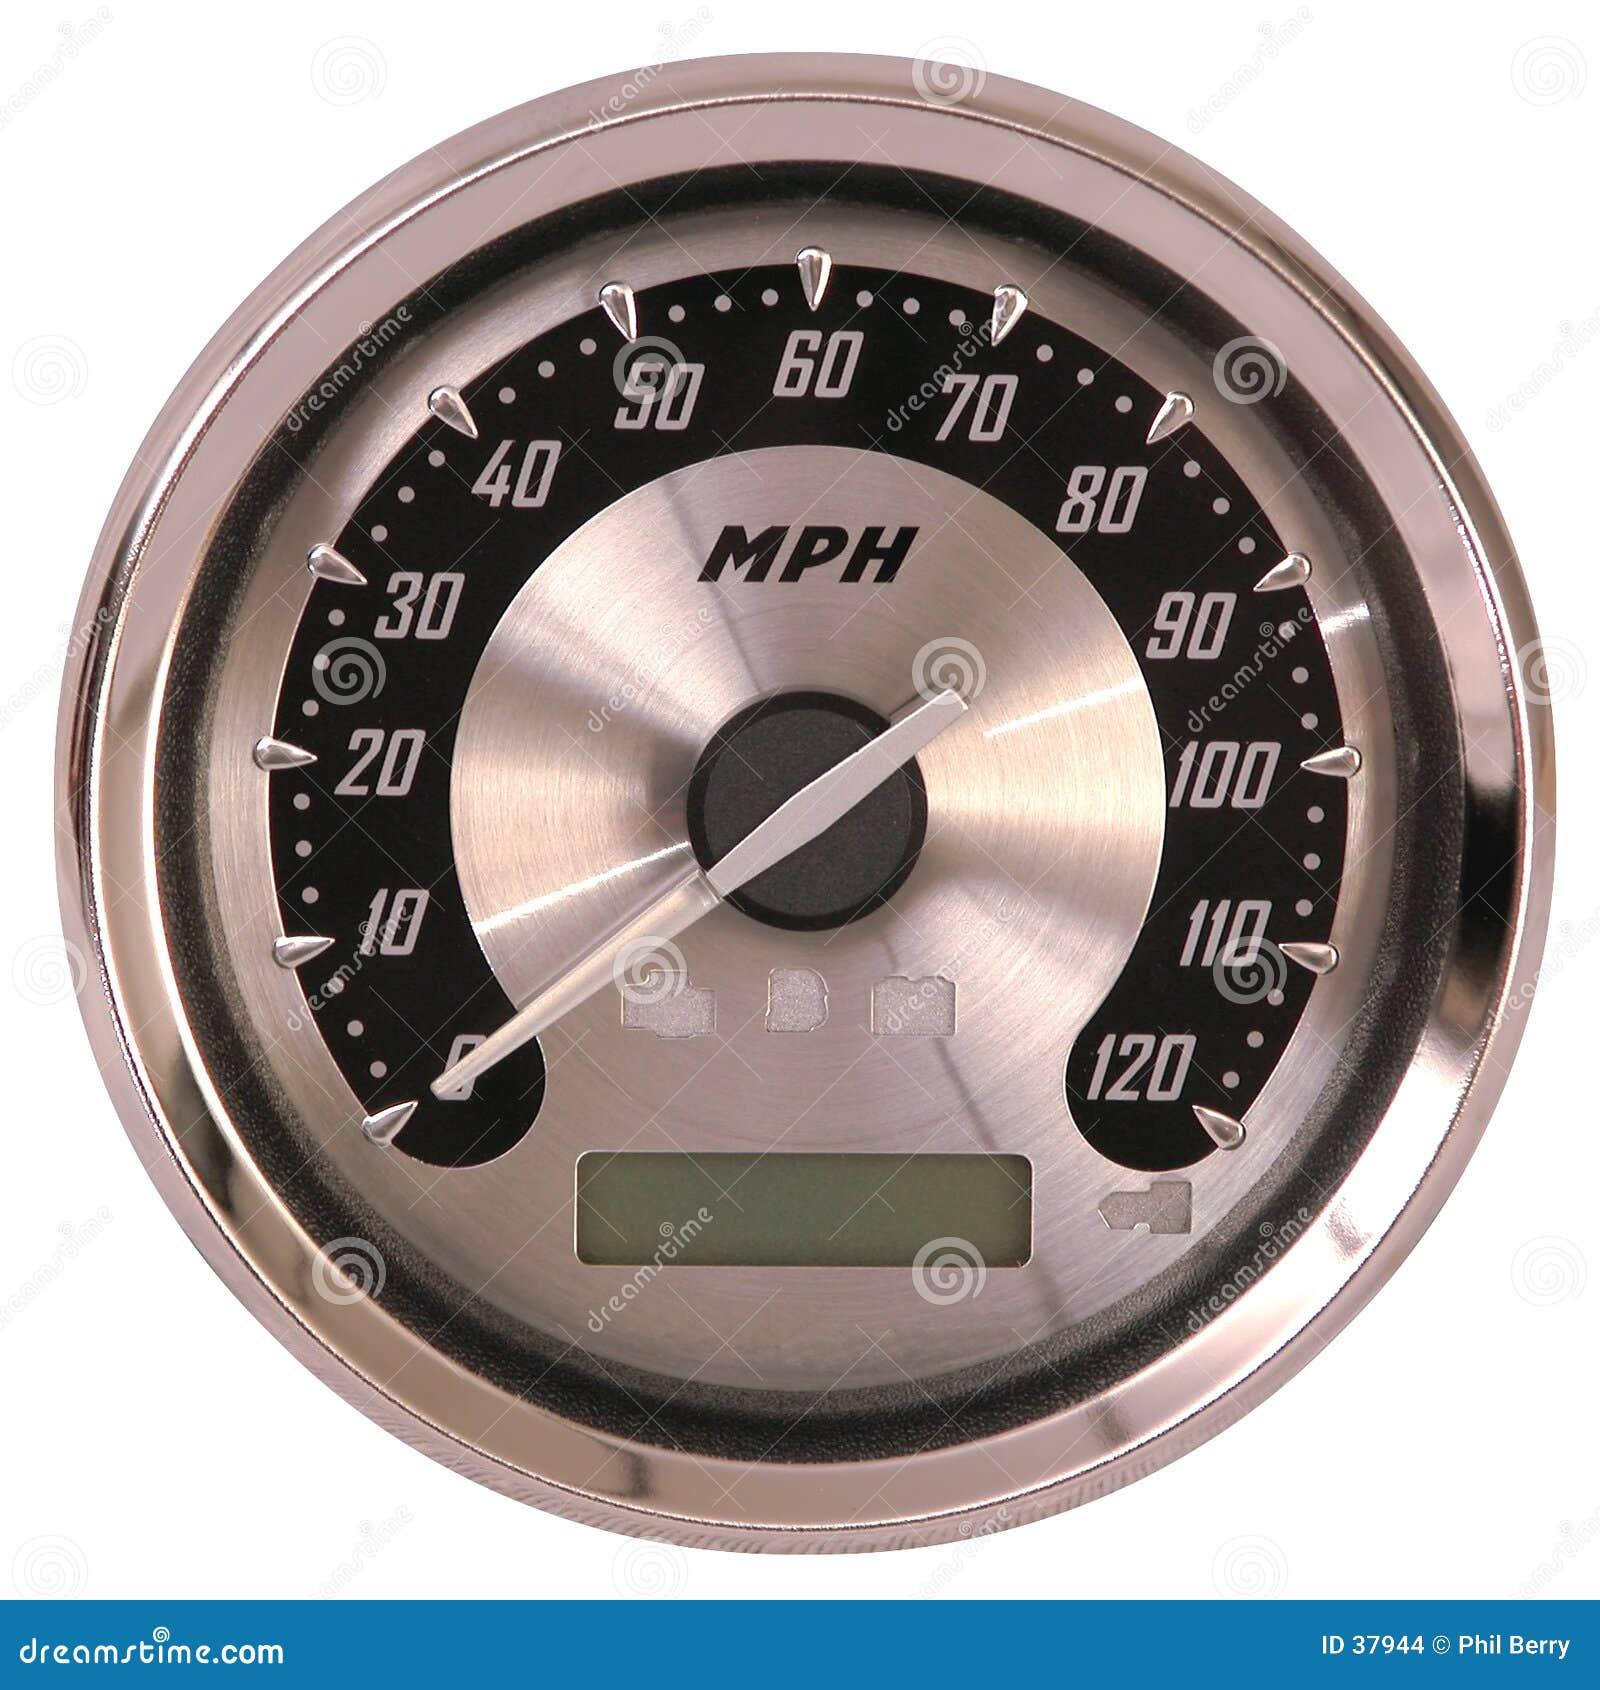 Aluminum framsidaspeedometer